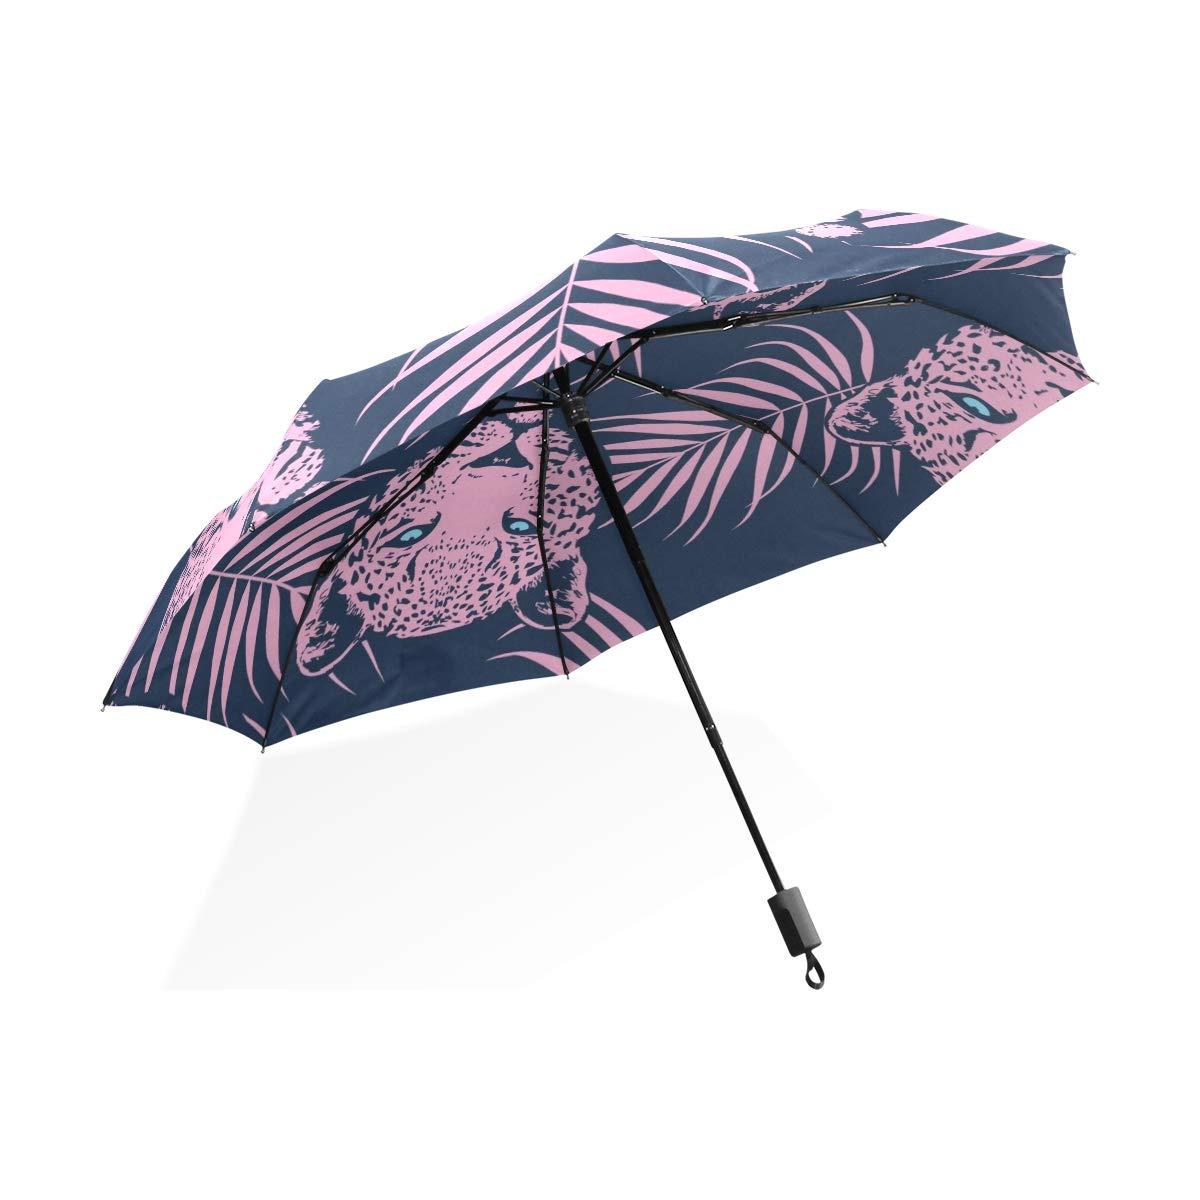 Isaoa Automatique Voyage Parapluie Pliable Compact Parapluie Lovely Rose Lion Coupe-Vent Ultra léger Protection UV Parapluie pour Homme ou Femme